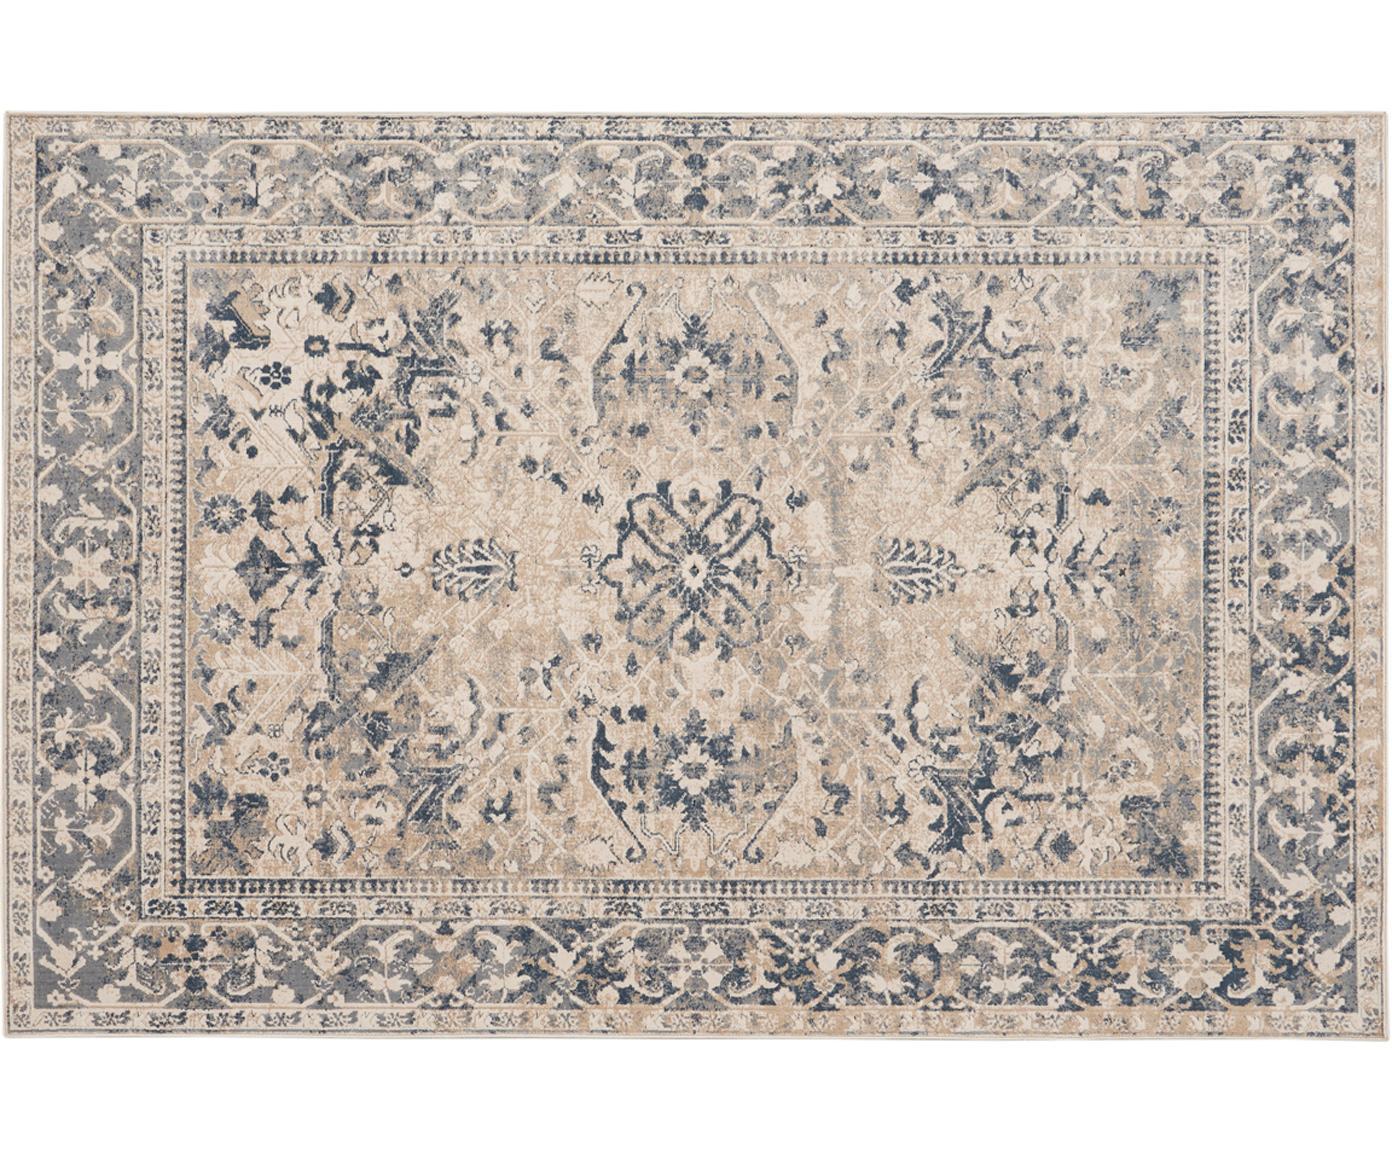 Vintage Teppich Malta in Blau-Beige, Elfenbeinfarben, Blautöne, B 120 x L 170 cm (Größe S)